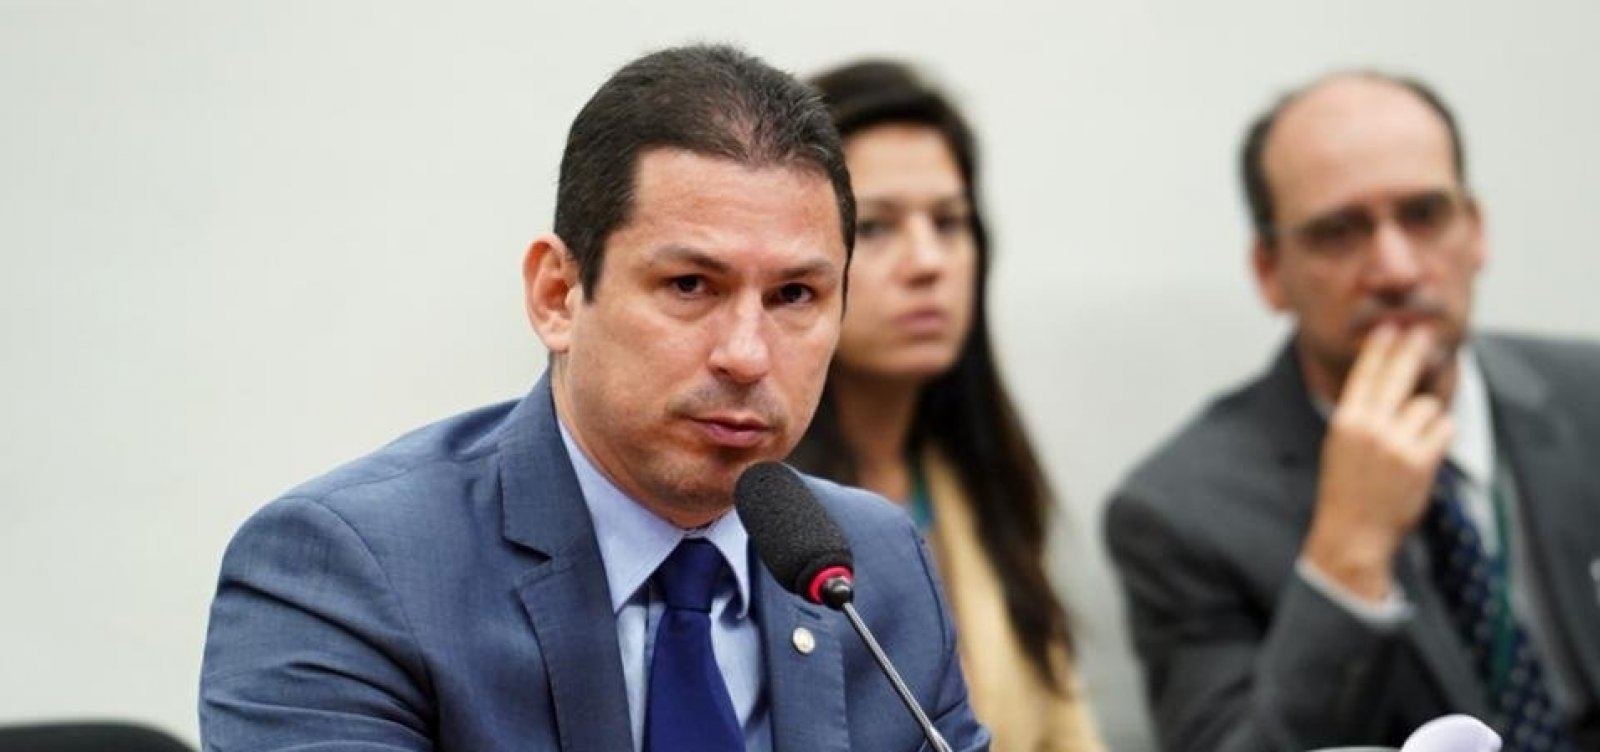 [Relatório da Previdência sai até dia 15, diz presidente da Comissão]